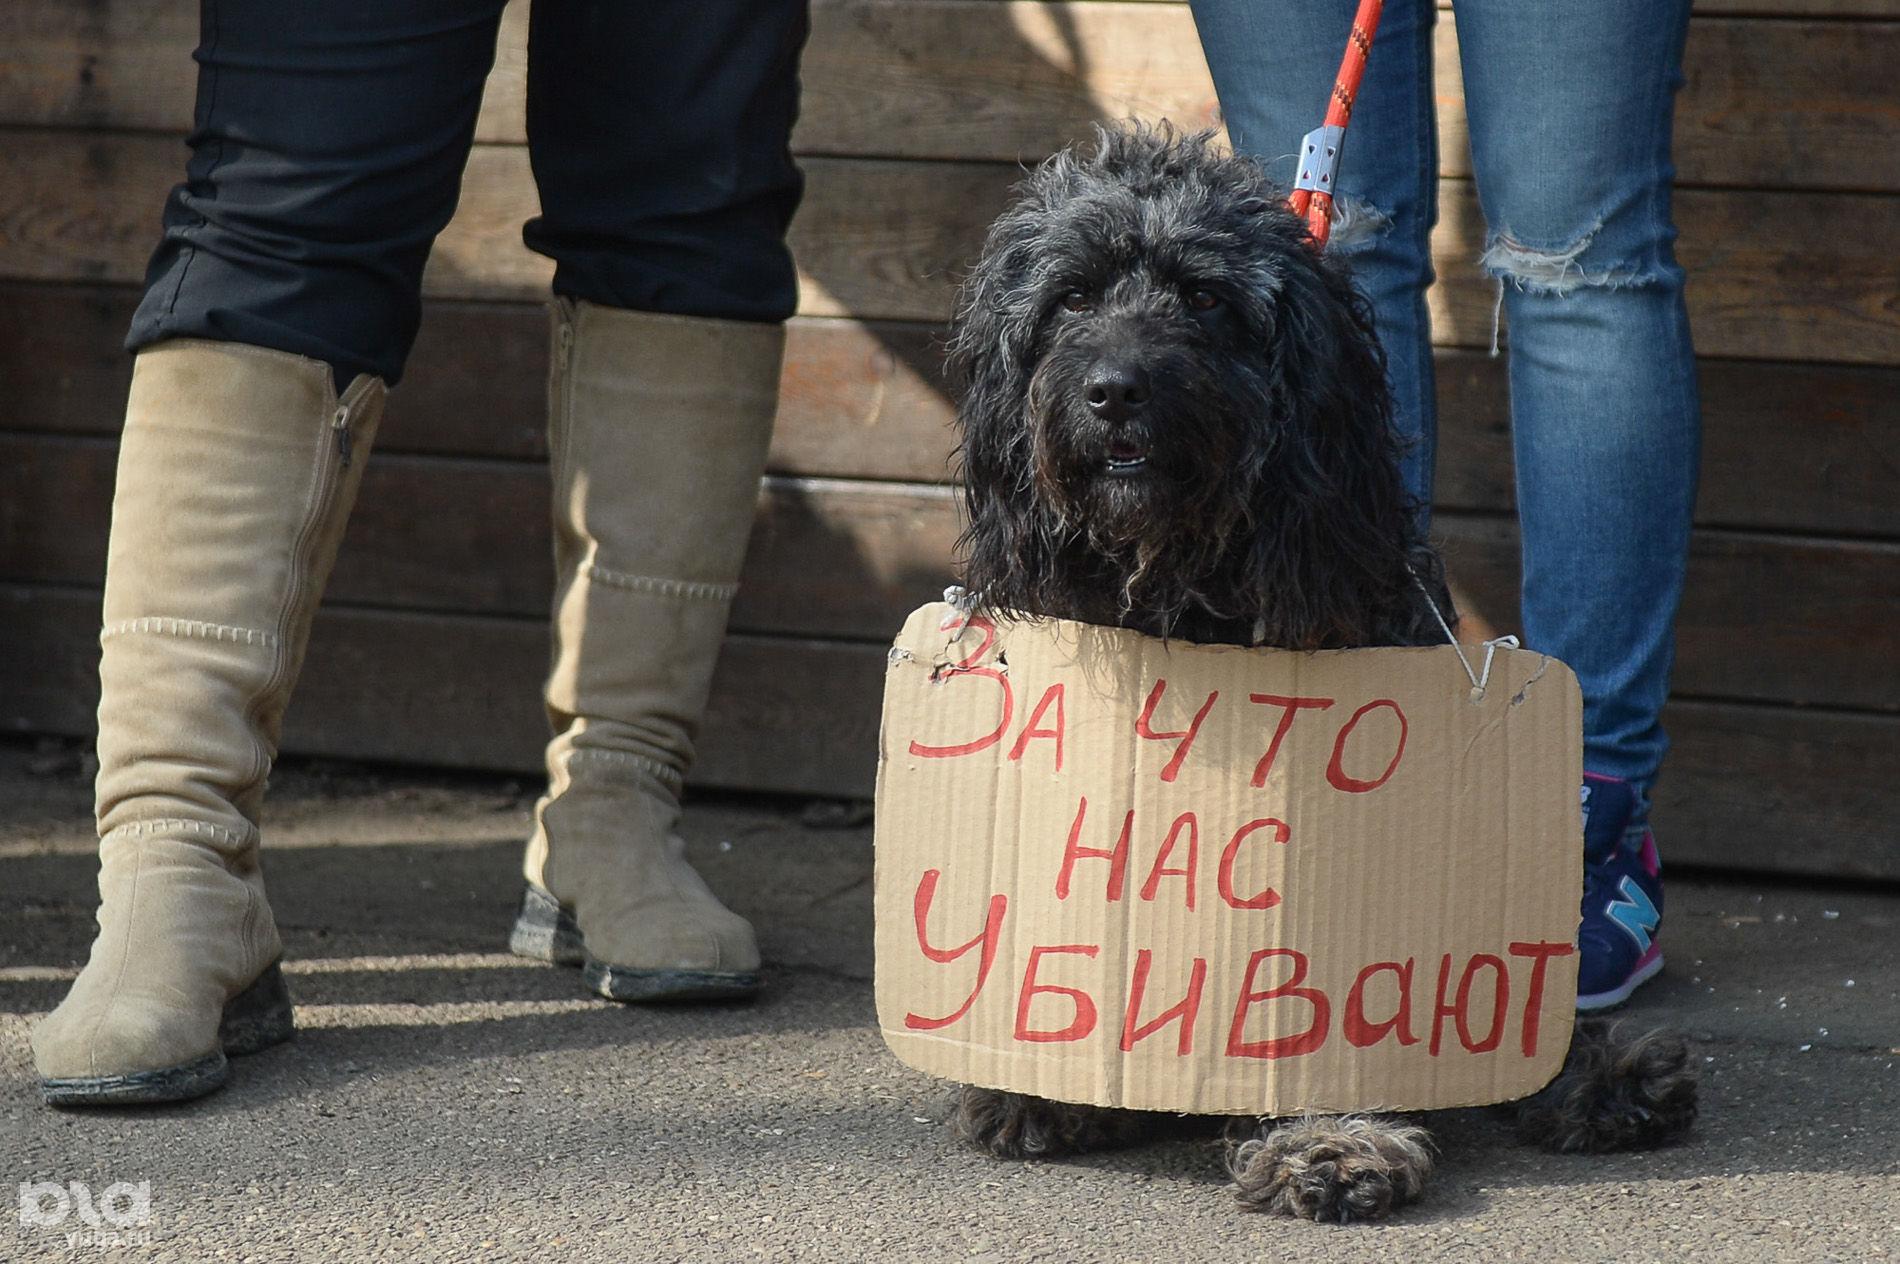 Пикет в защиту бездомных животных в Краснодаре ©Фото Юга.ру